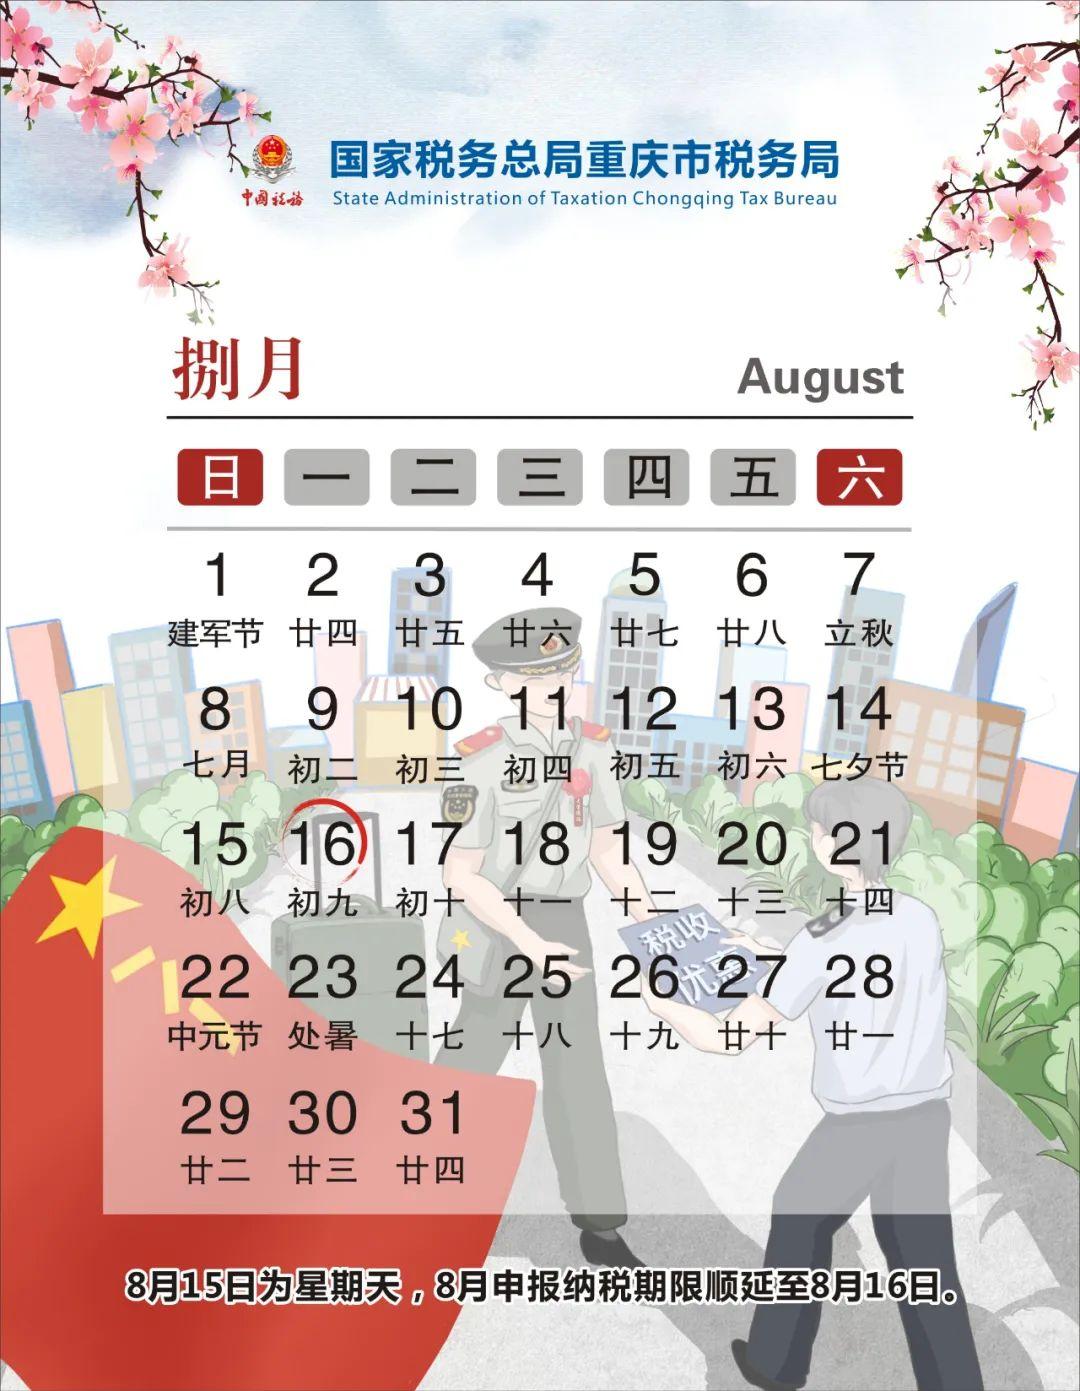 2021年8月纳税申报日历,请注意2021年8月份申报截止日期,掌握好报税时间